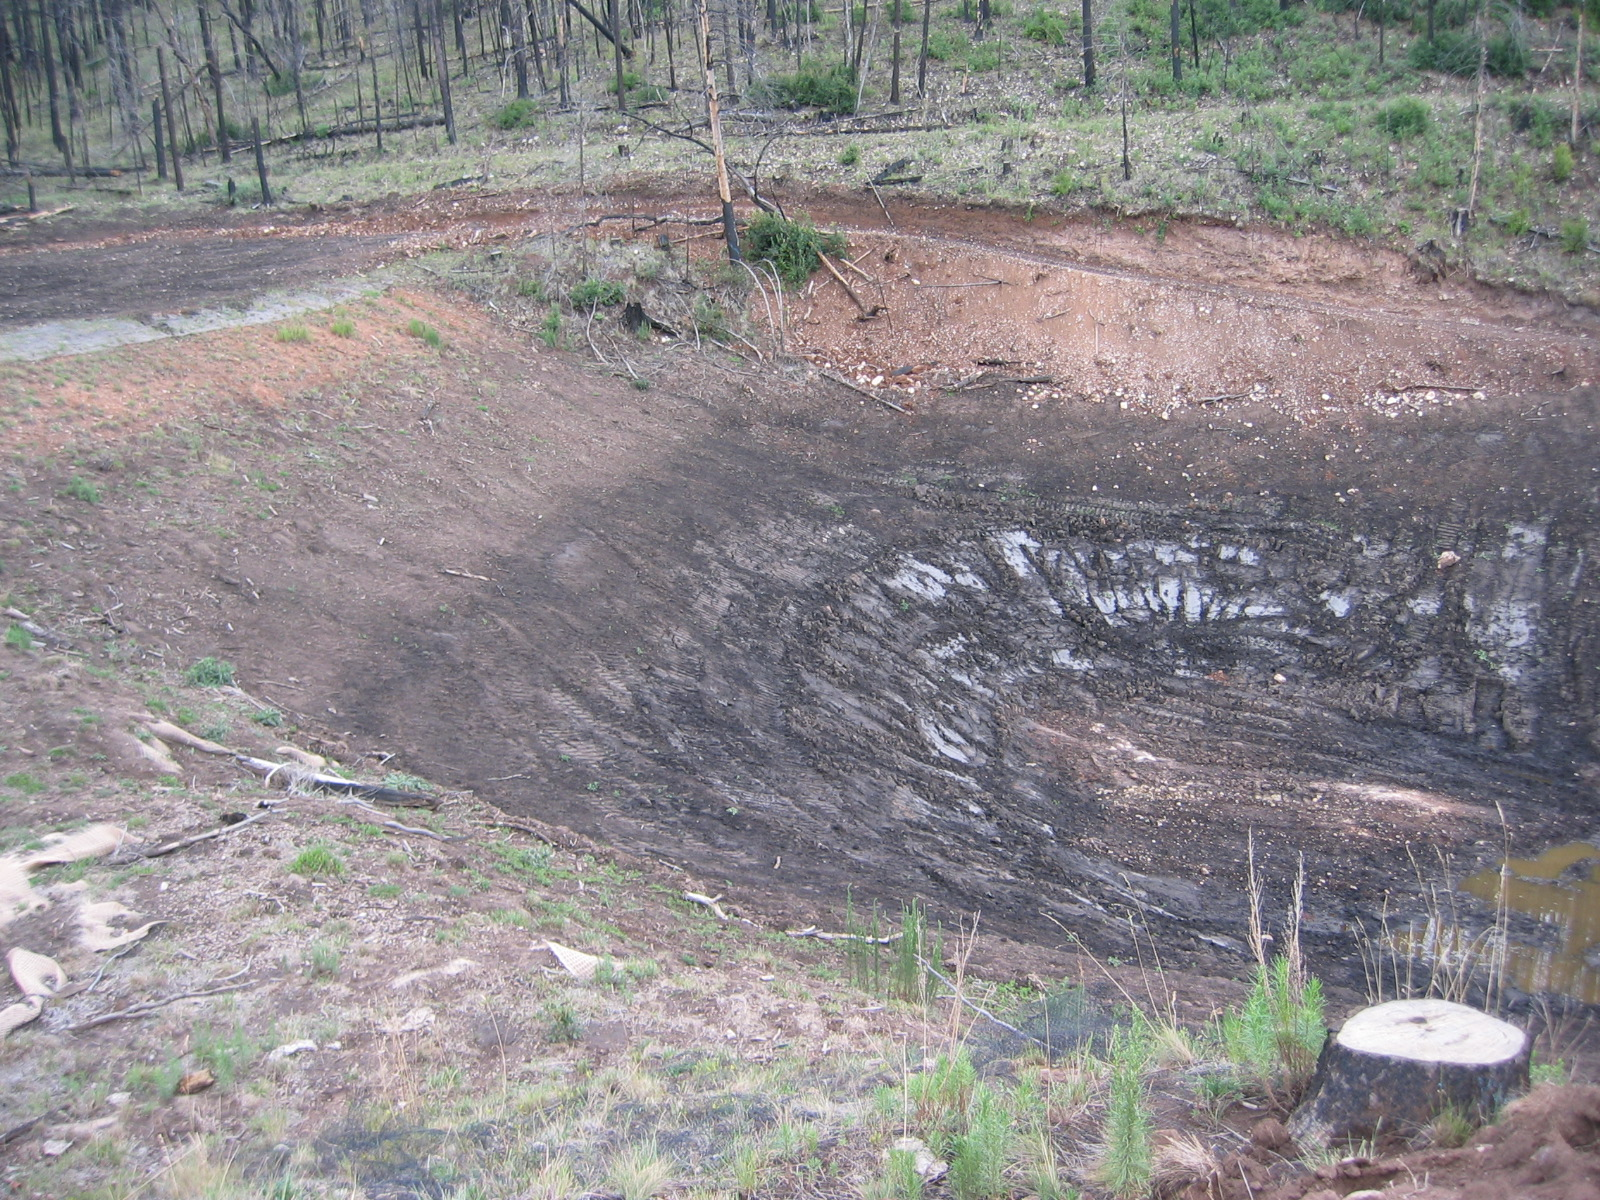 catchment basin cleanout post fire